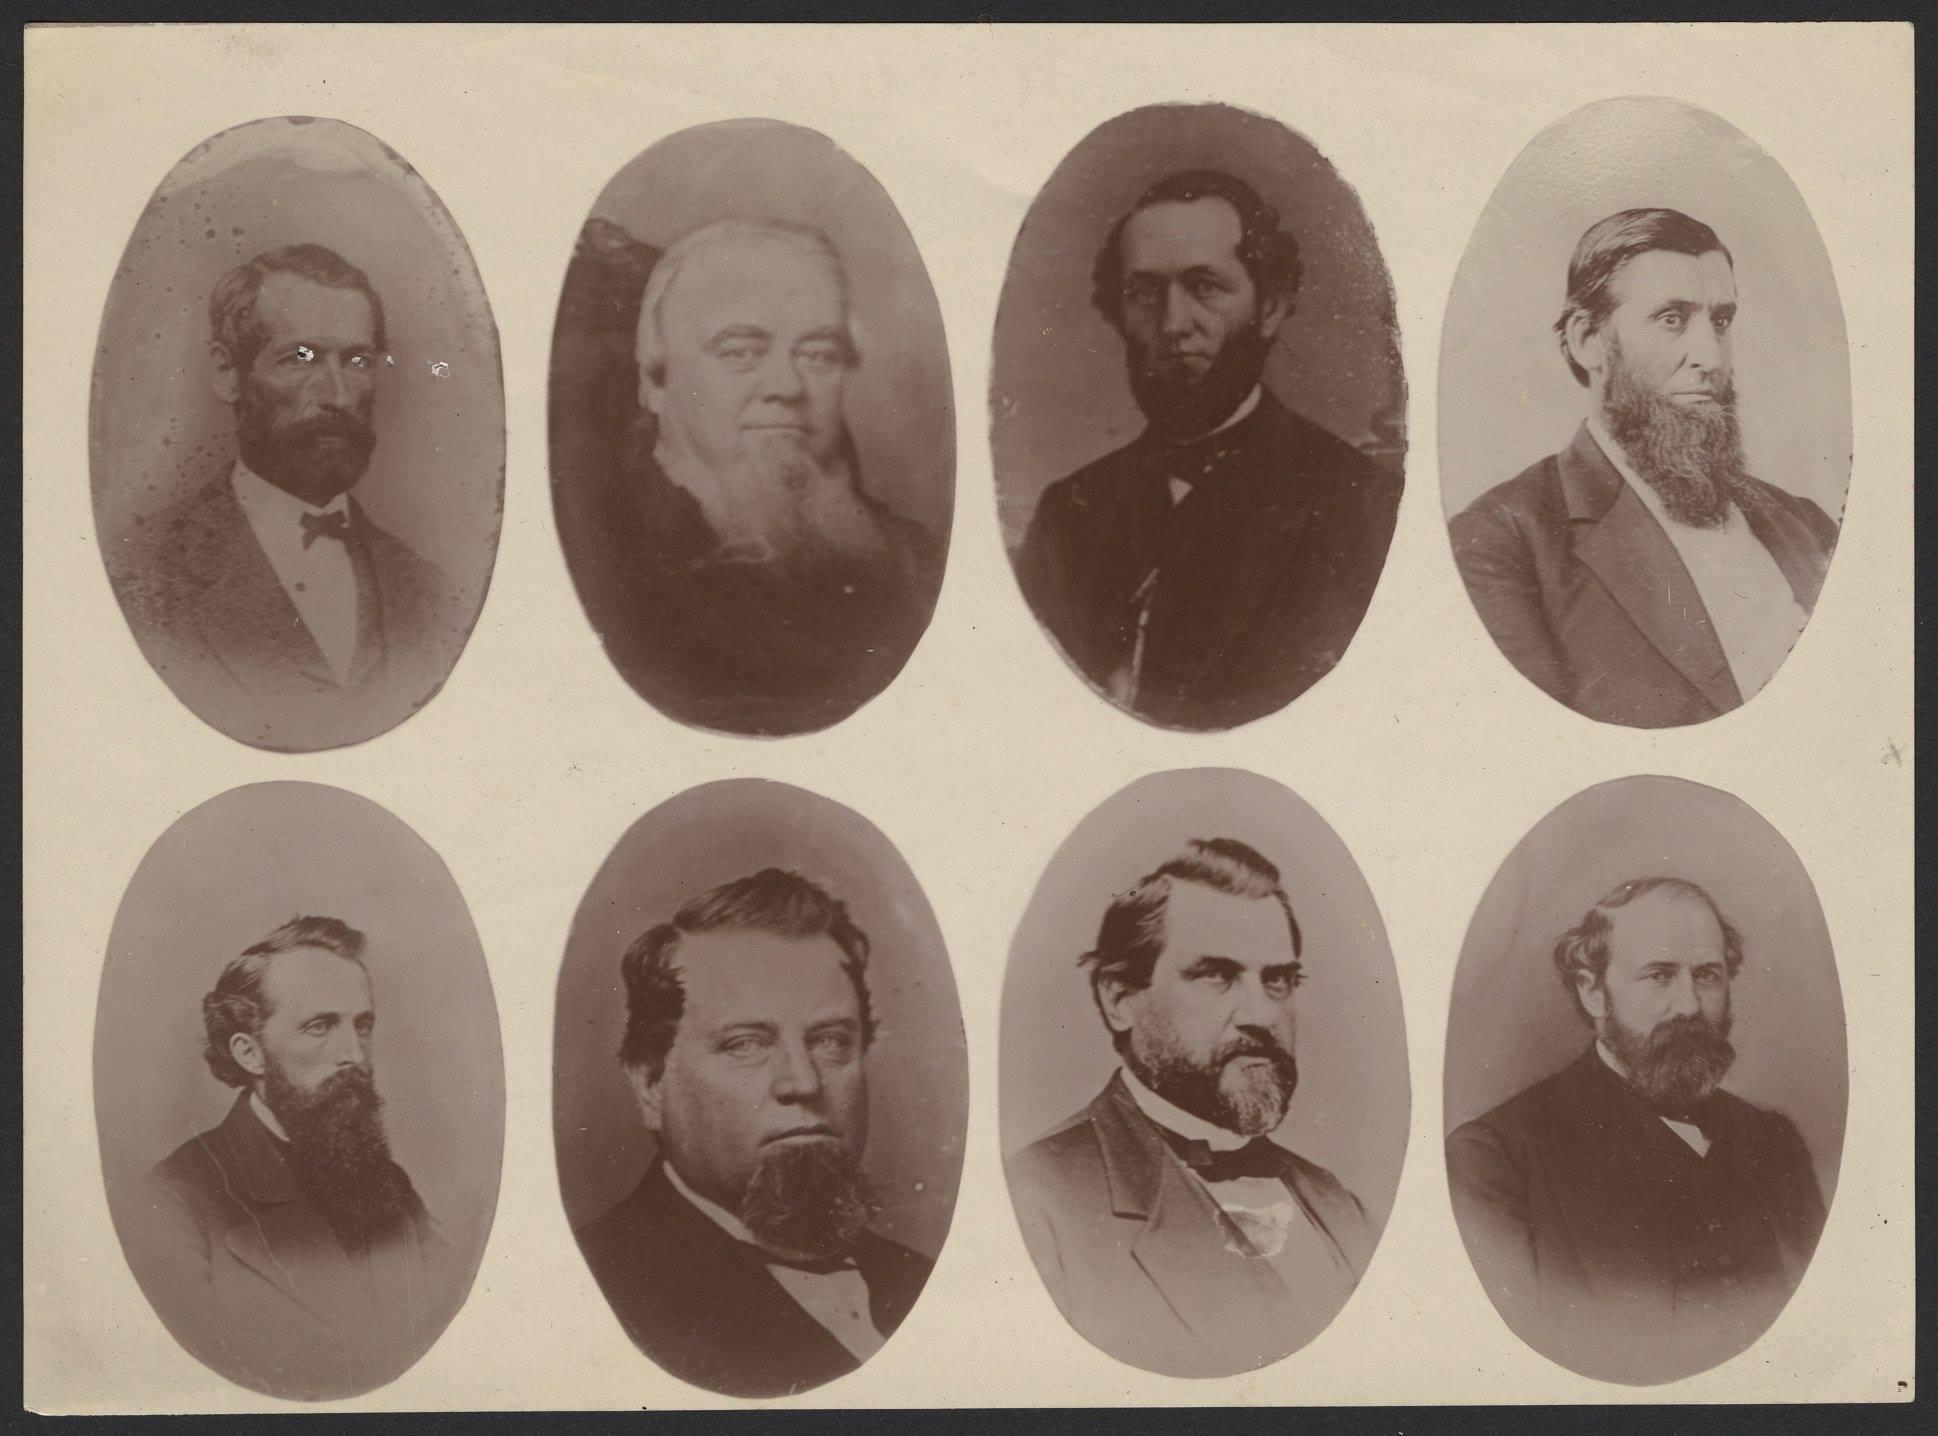 Hopkins, Crocker, Redding, Miller, Montague, Crocker, Stanford, Huntington